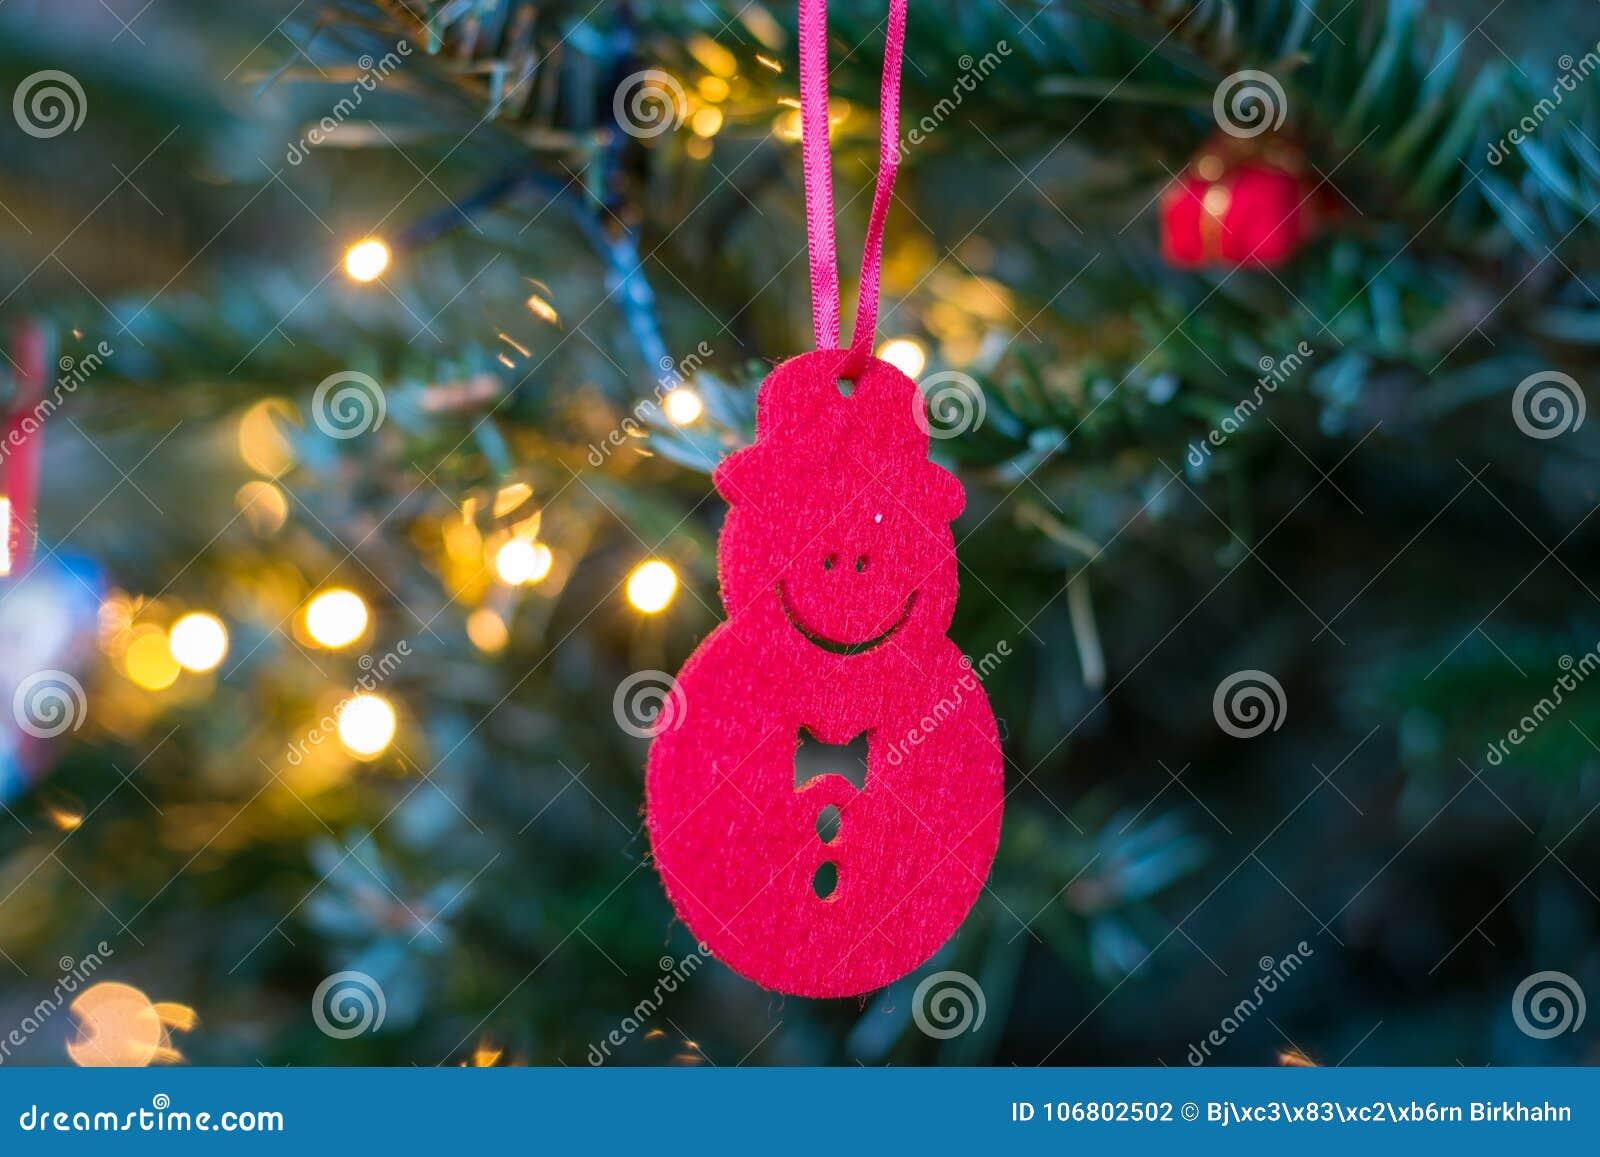 Download Kleine Rote Schneemannverzierung, Die An Einem Weihnachtsbaum Hängt Stockfoto - Bild von baum, tanne: 106802502